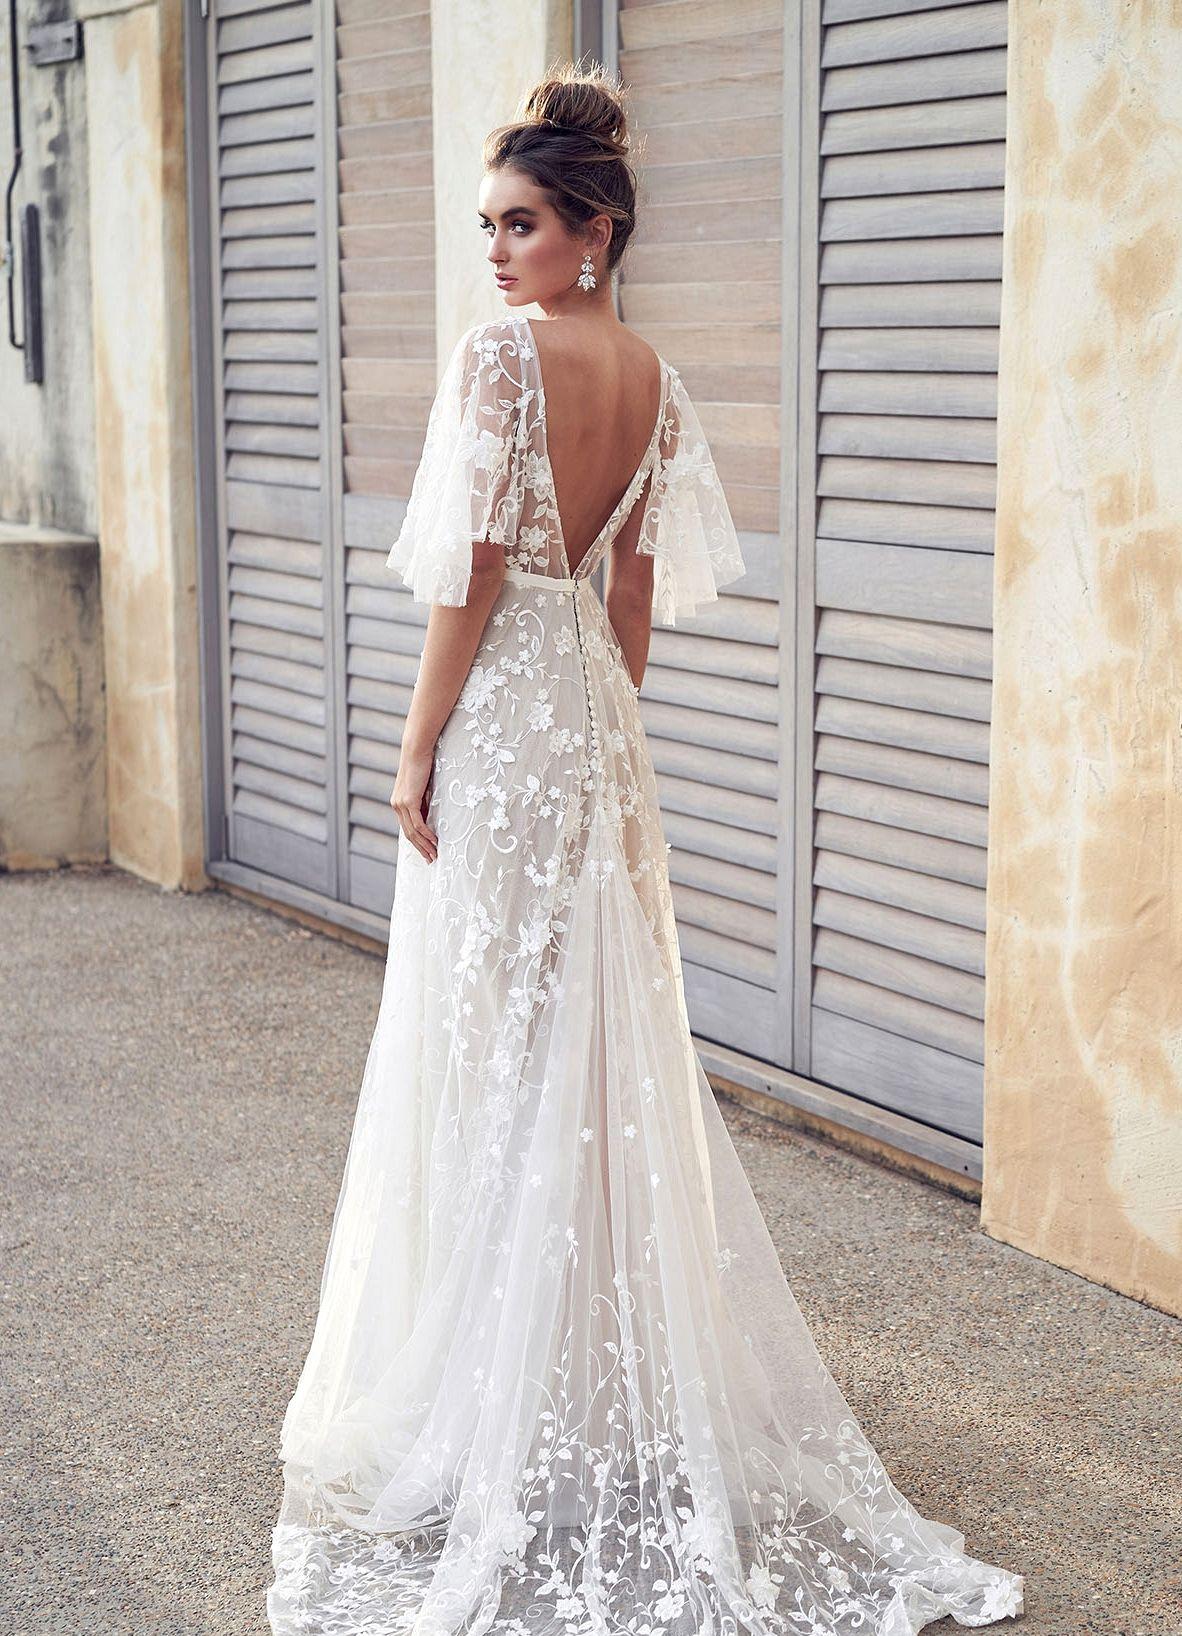 Our Favourite Wedding Ceremony Swanky Wedding Boho Wedding Dress Lace Wedding Dresses Wedding Dresses Near Me [ 1636 x 1182 Pixel ]